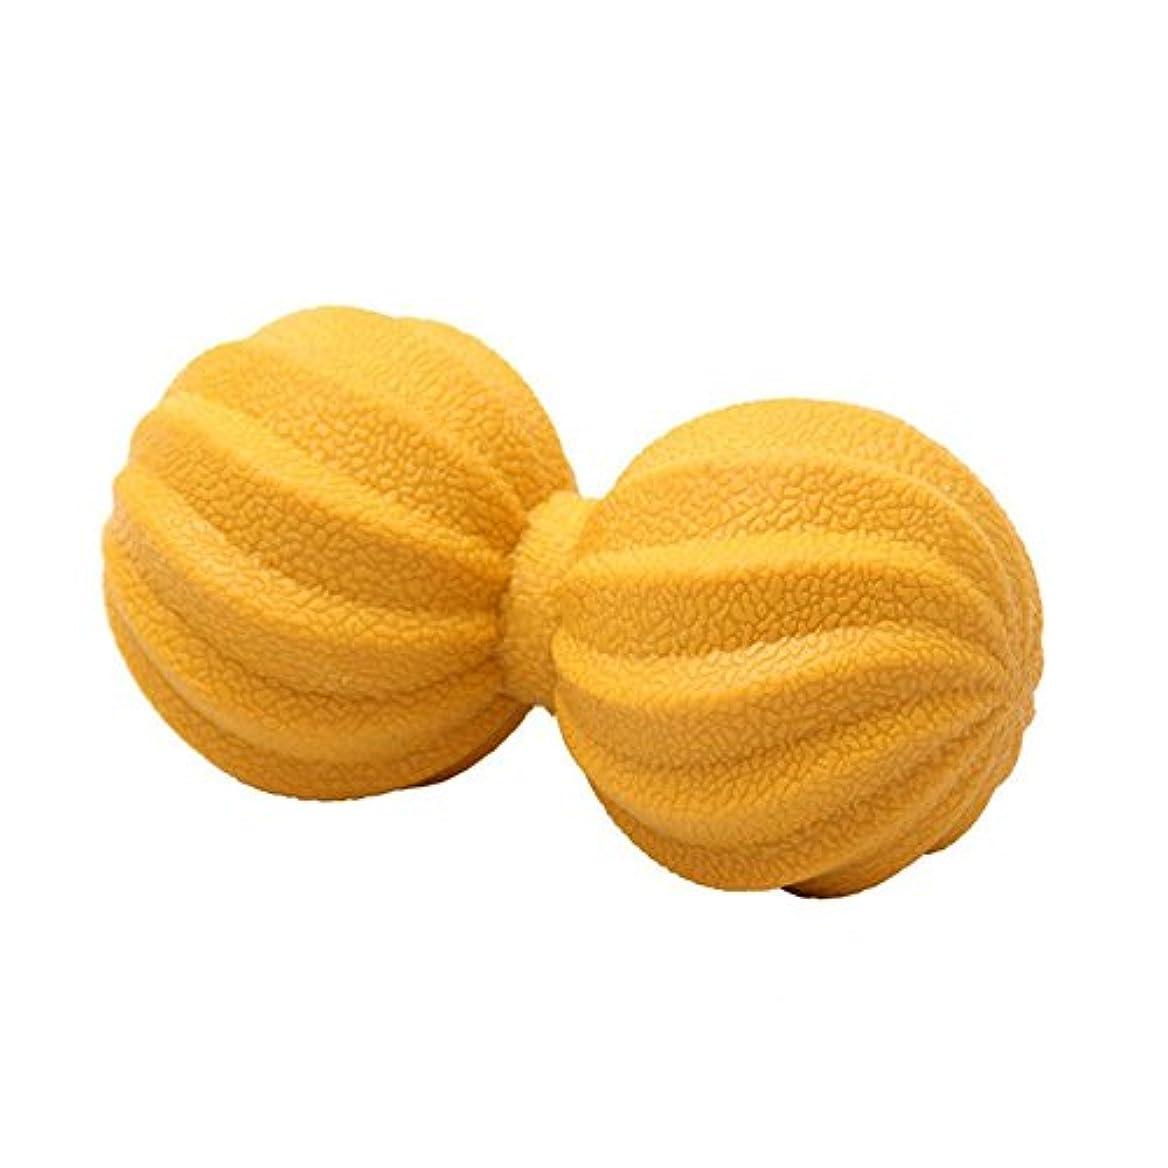 助けて自治収束するマッサージボール TPE 痛み緩和 ホッケーボール 肩/背中/腰/ふくらはぎ/足裏 筋膜リリース 血液循環